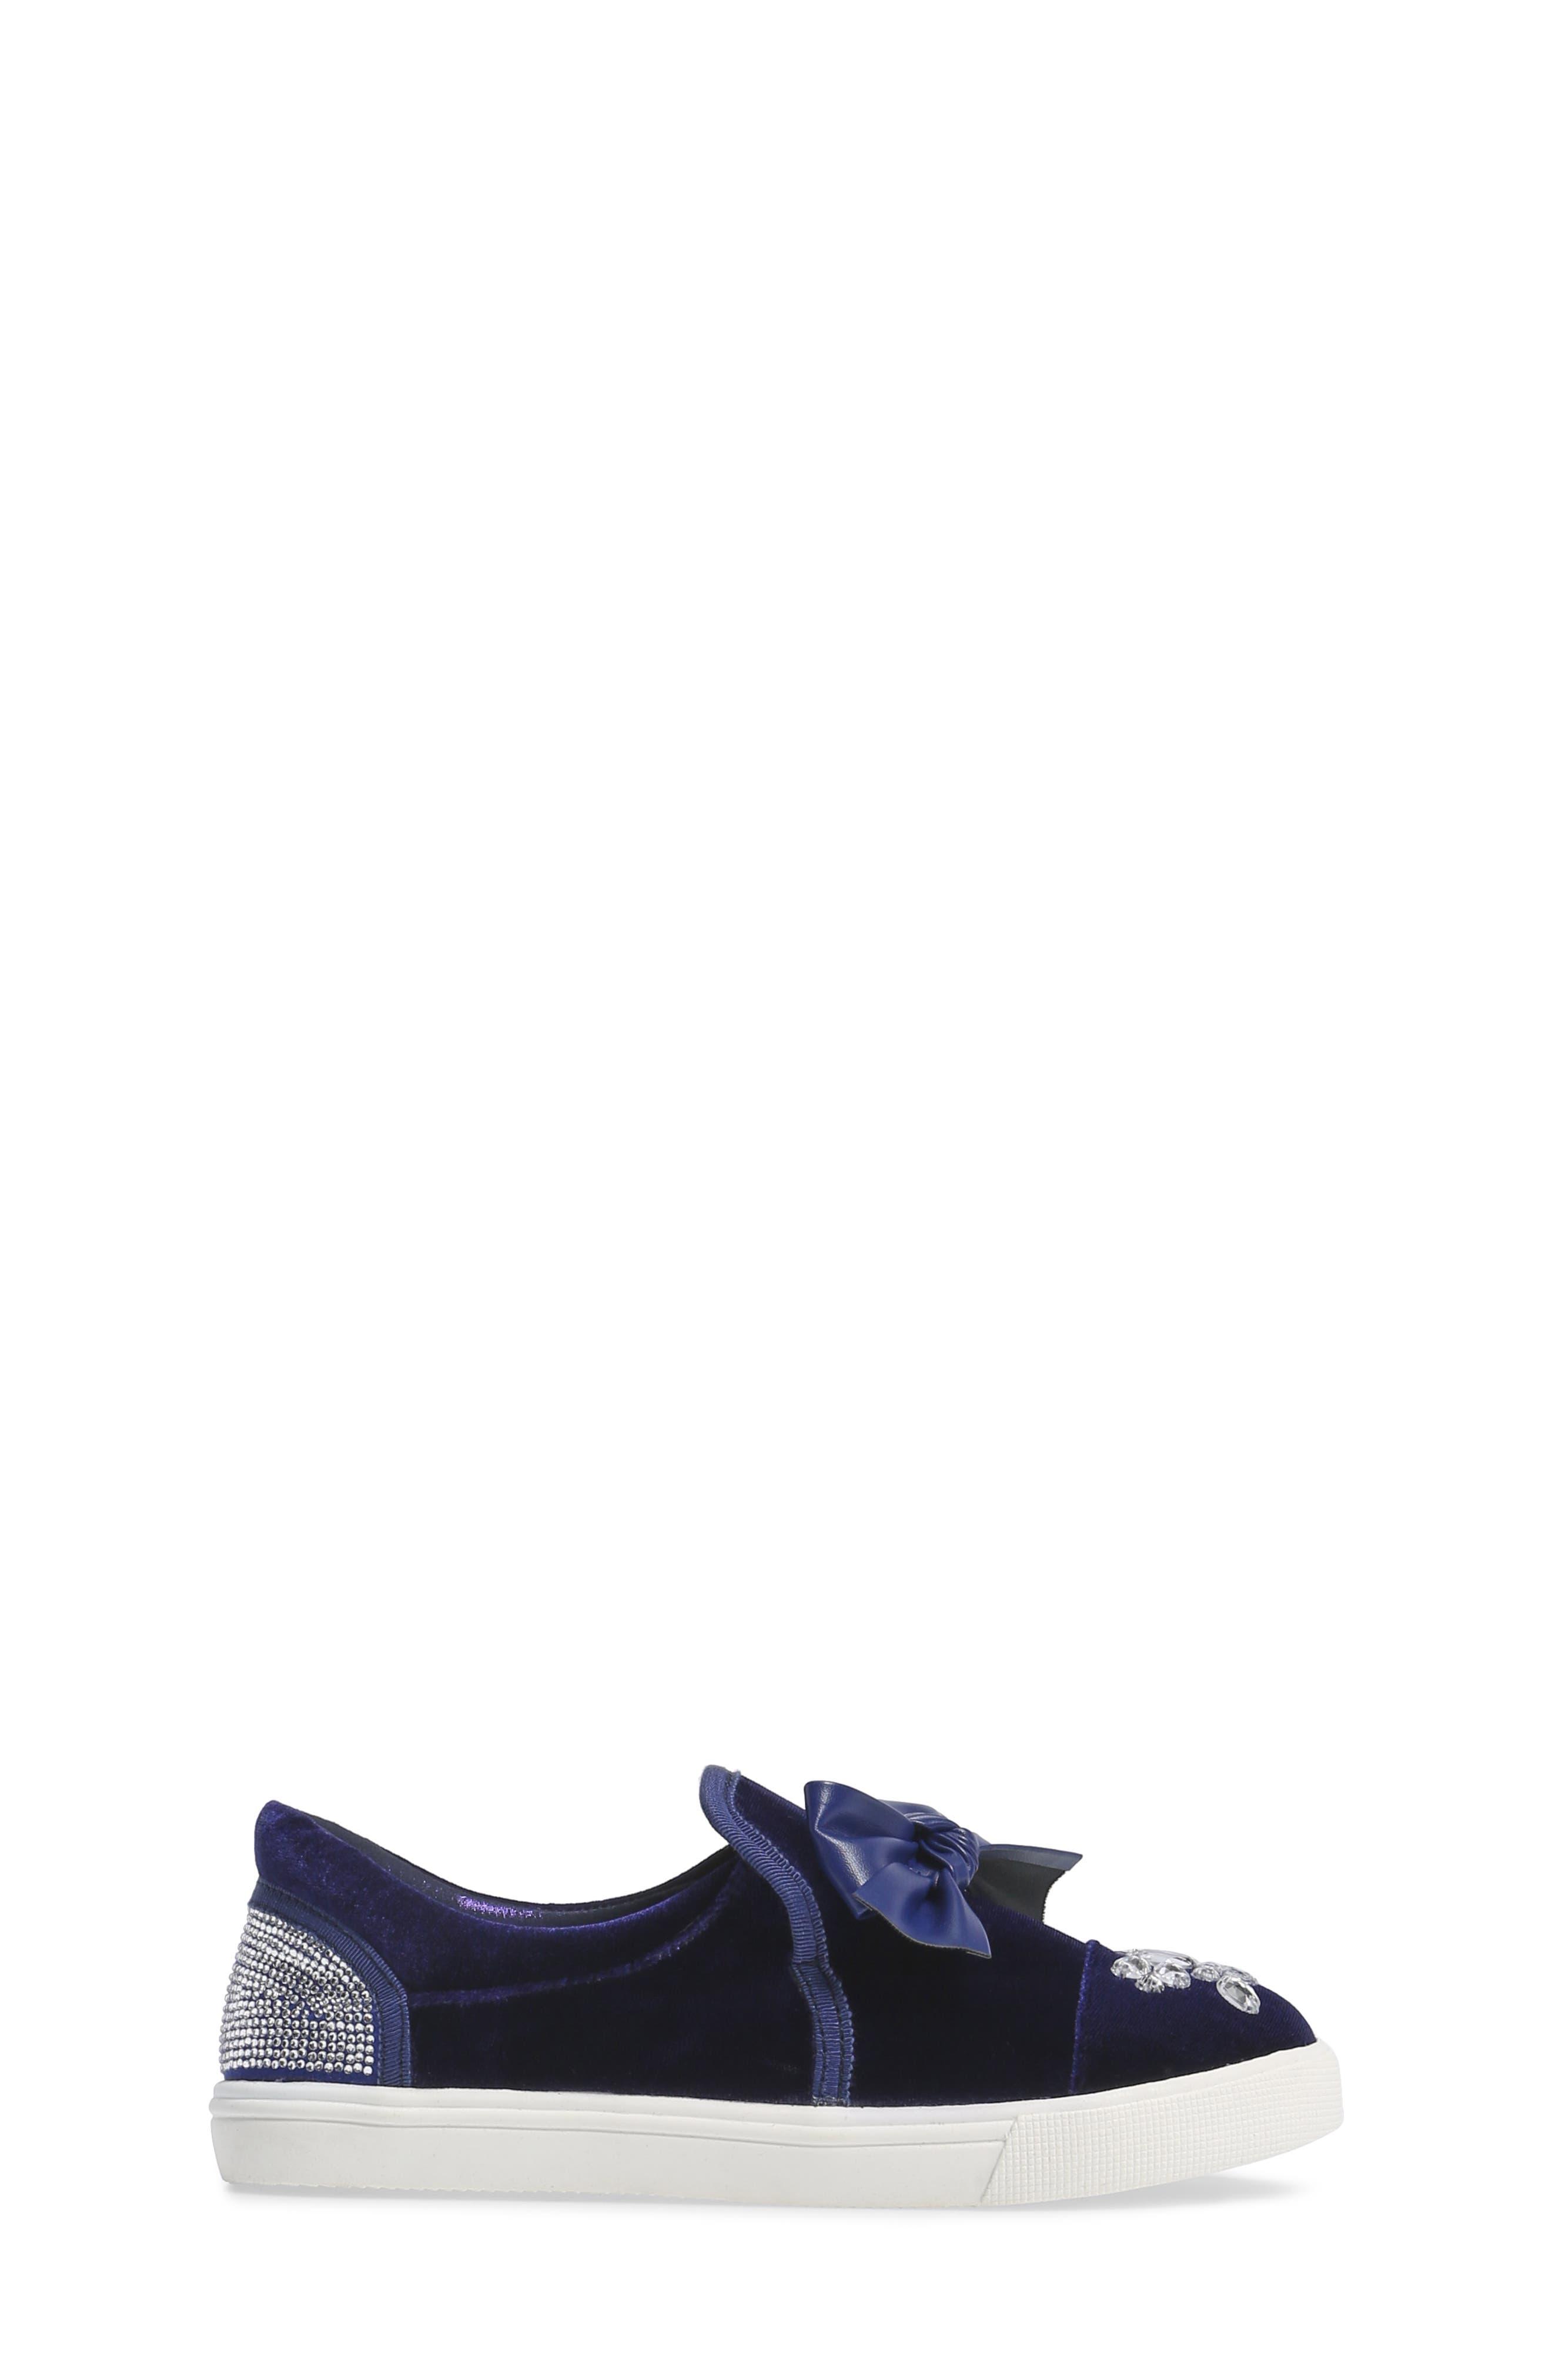 Delight Embellished Slip-On Sneaker,                             Alternate thumbnail 3, color,                             410